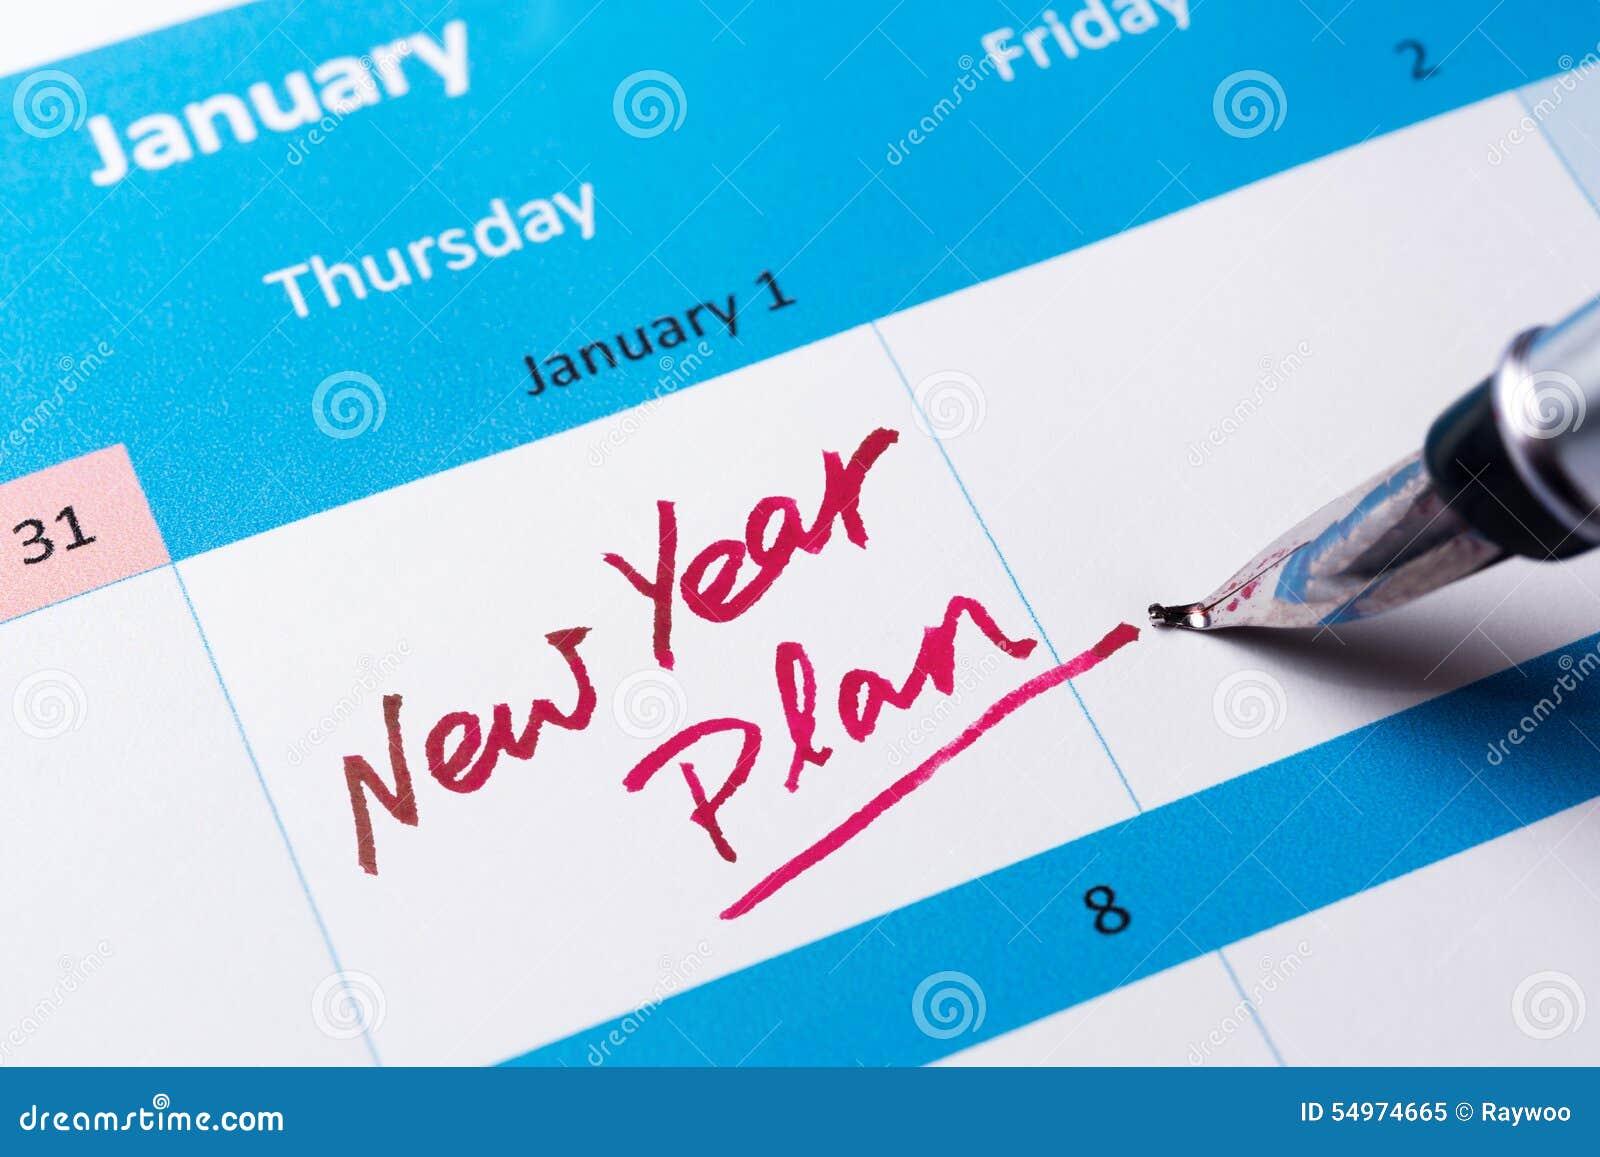 12th 5 year plan pdf